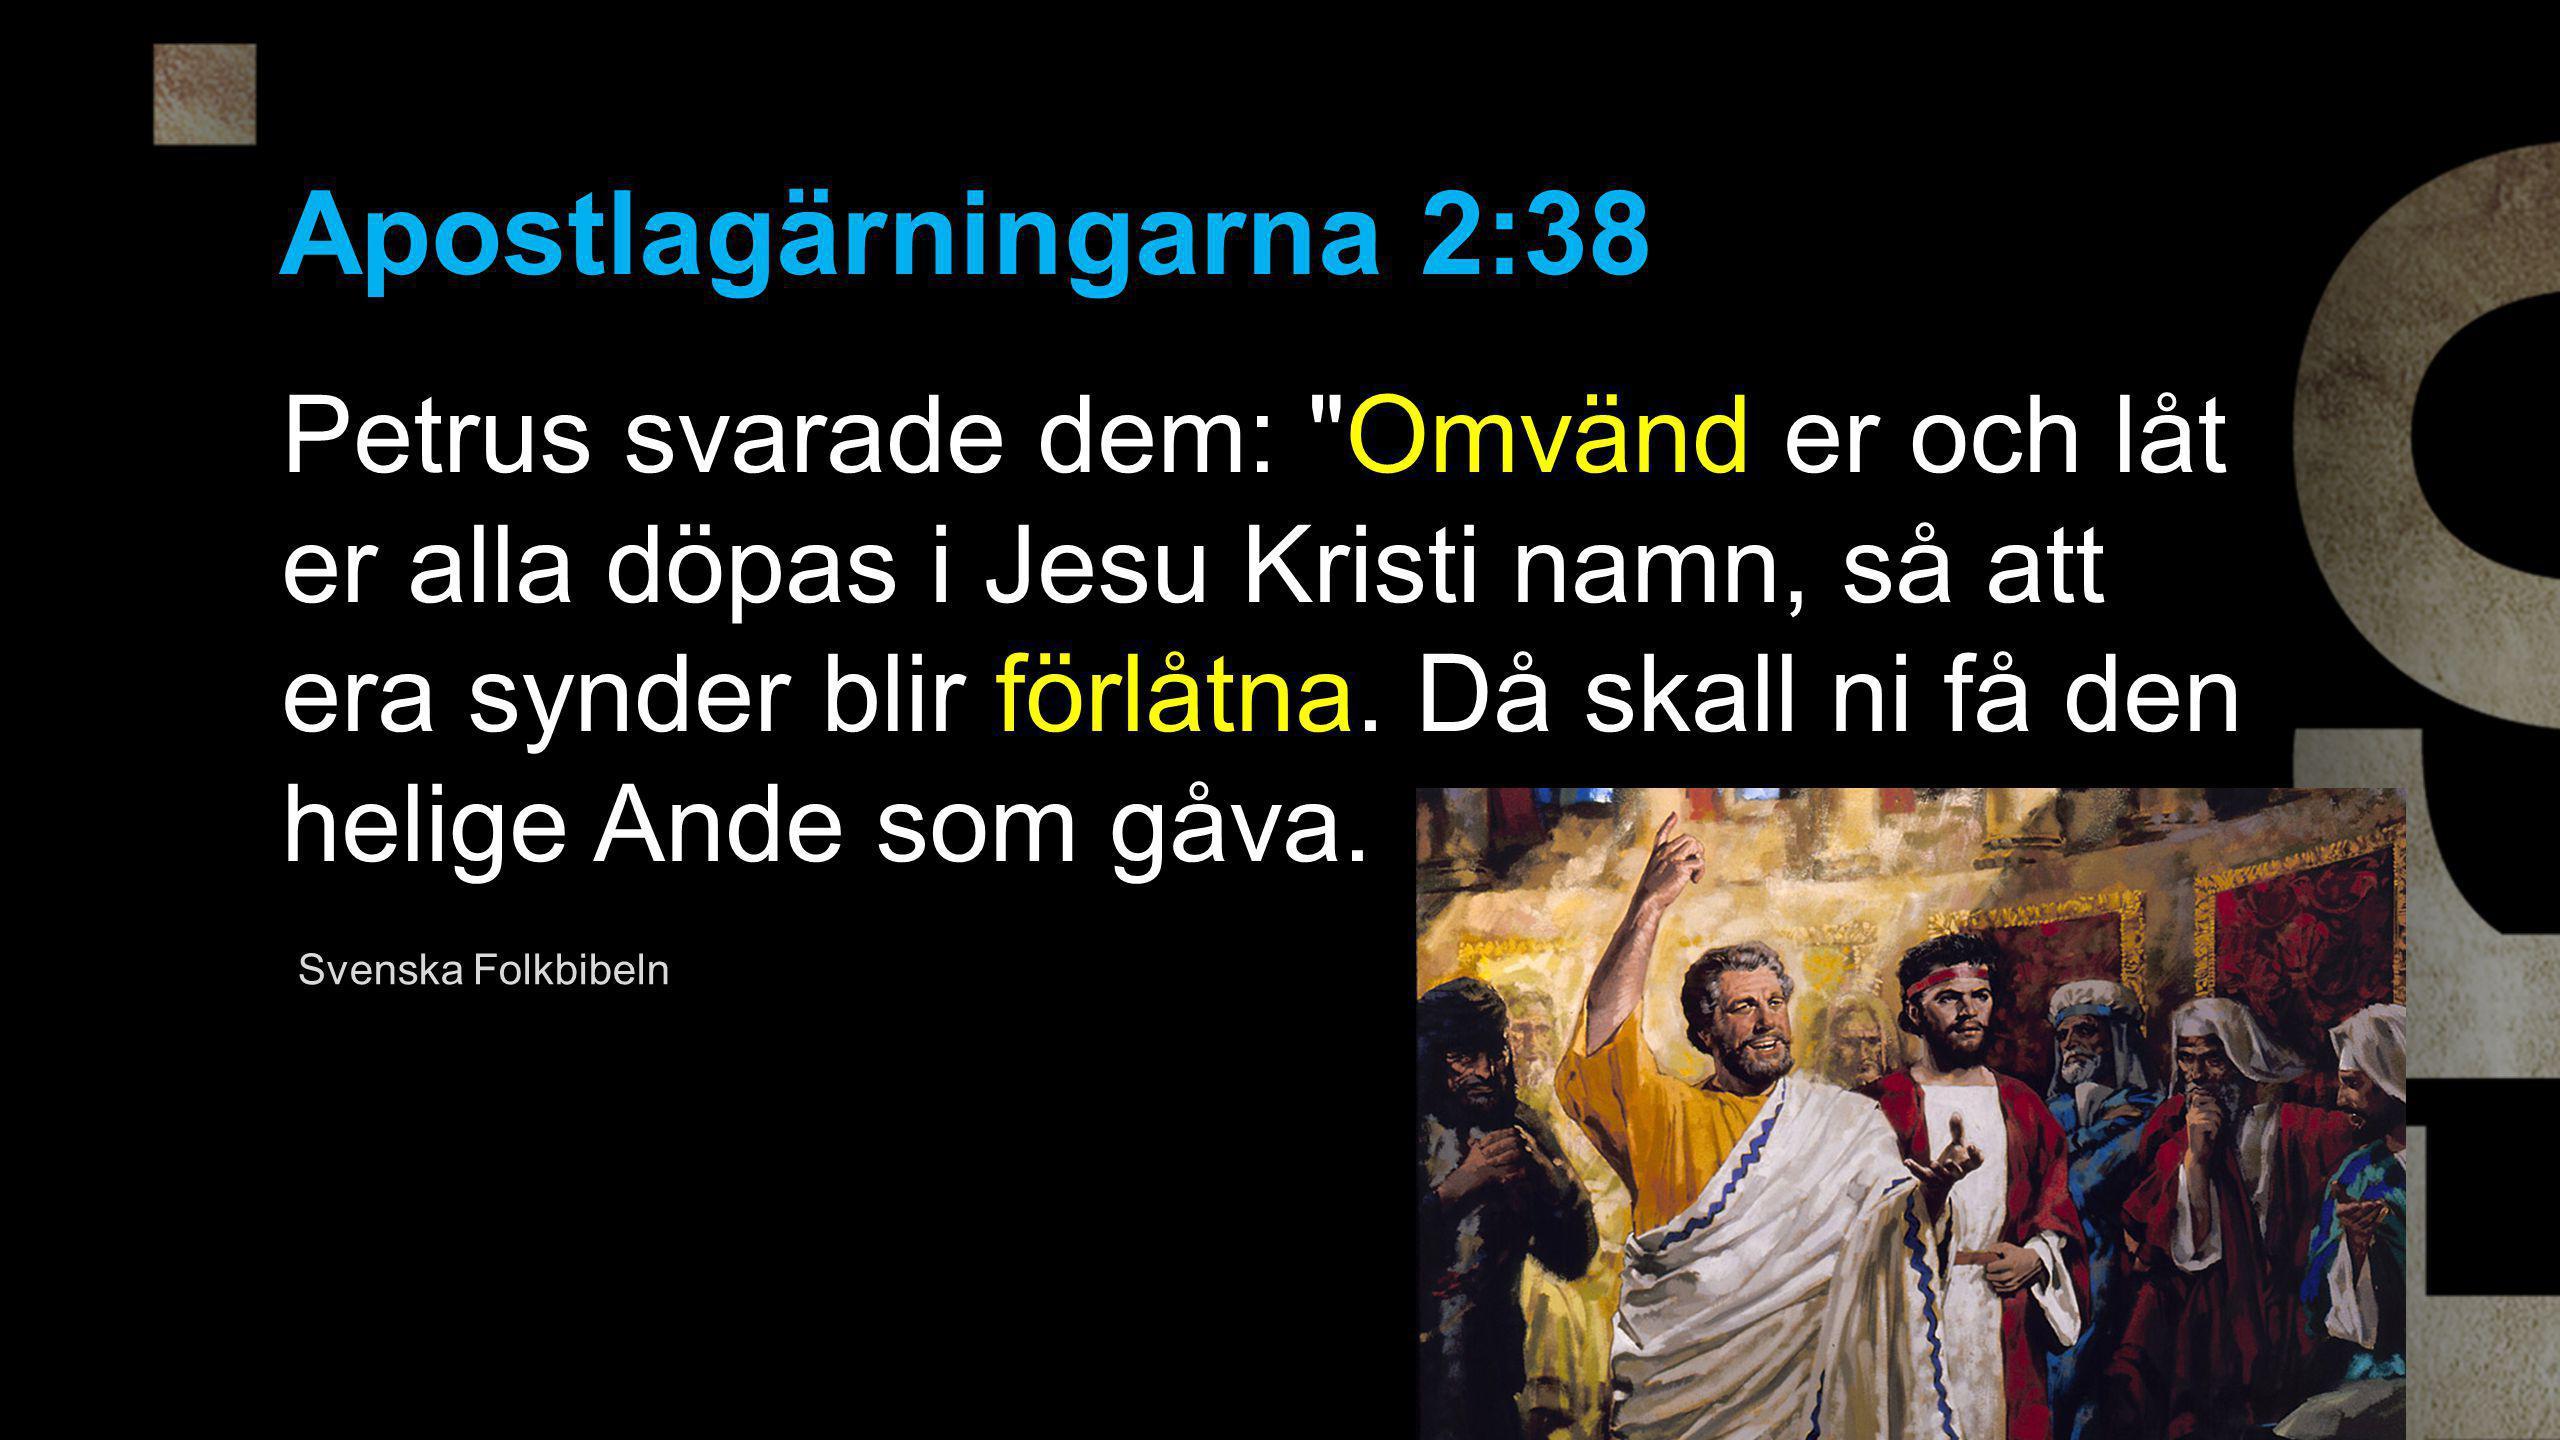 Apostlagärningarna 2:38 Petrus svarade dem: Omvänd er och låt er alla döpas i Jesu Kristi namn, så att era synder blir förlåtna.